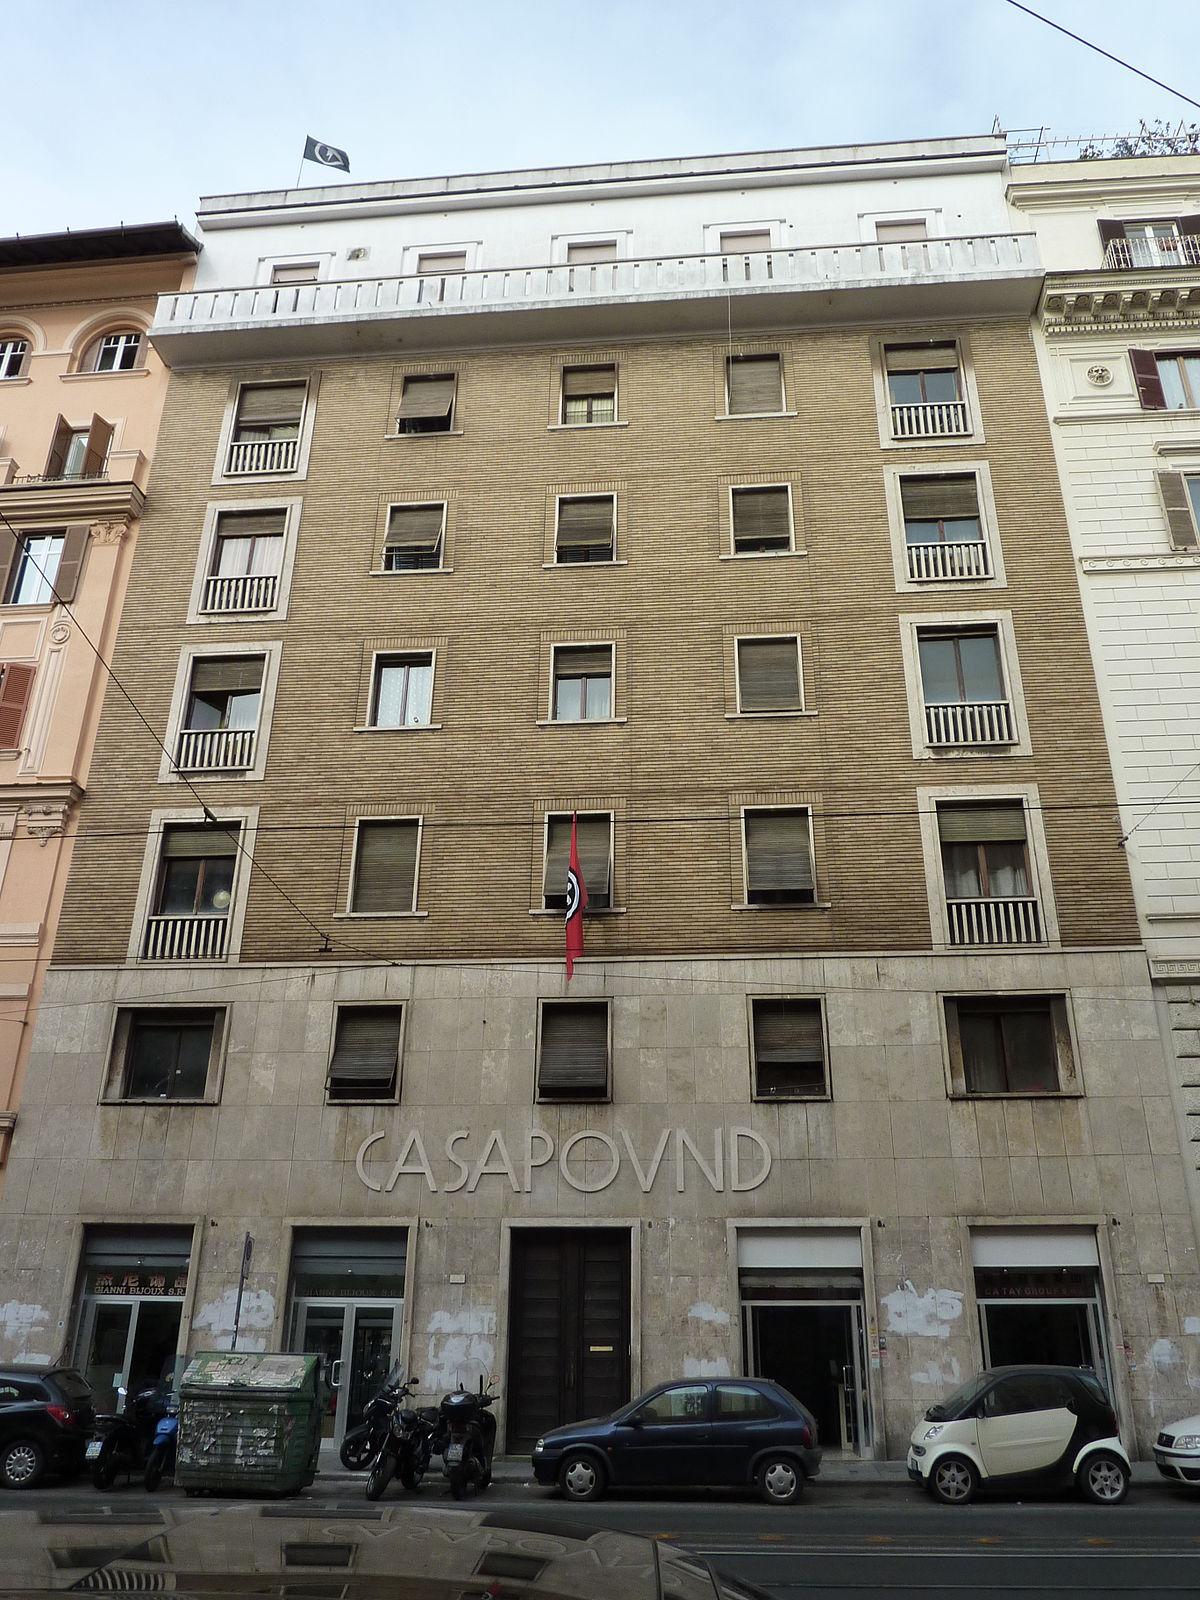 Casapound italia wikipedia for Compro casa roma centro